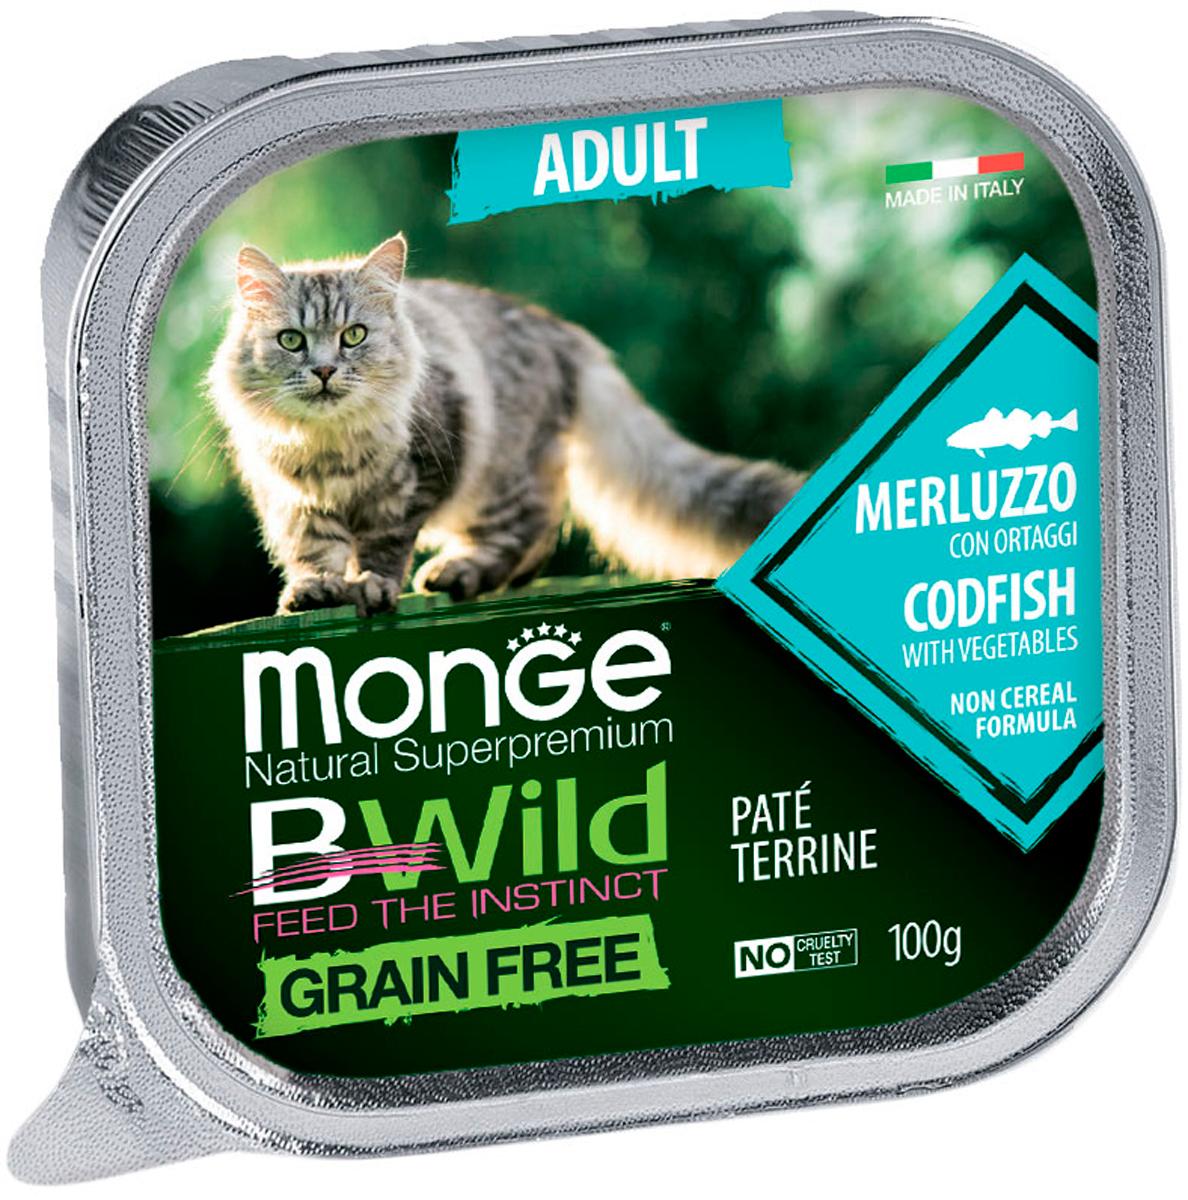 Monge Bwild Adult Cat Grain Free беззерновые для взрослых кошек с треской и овощами (100 гр) stuzzy cat для взрослых кошек с треской в соусе 100 гр 100 гр